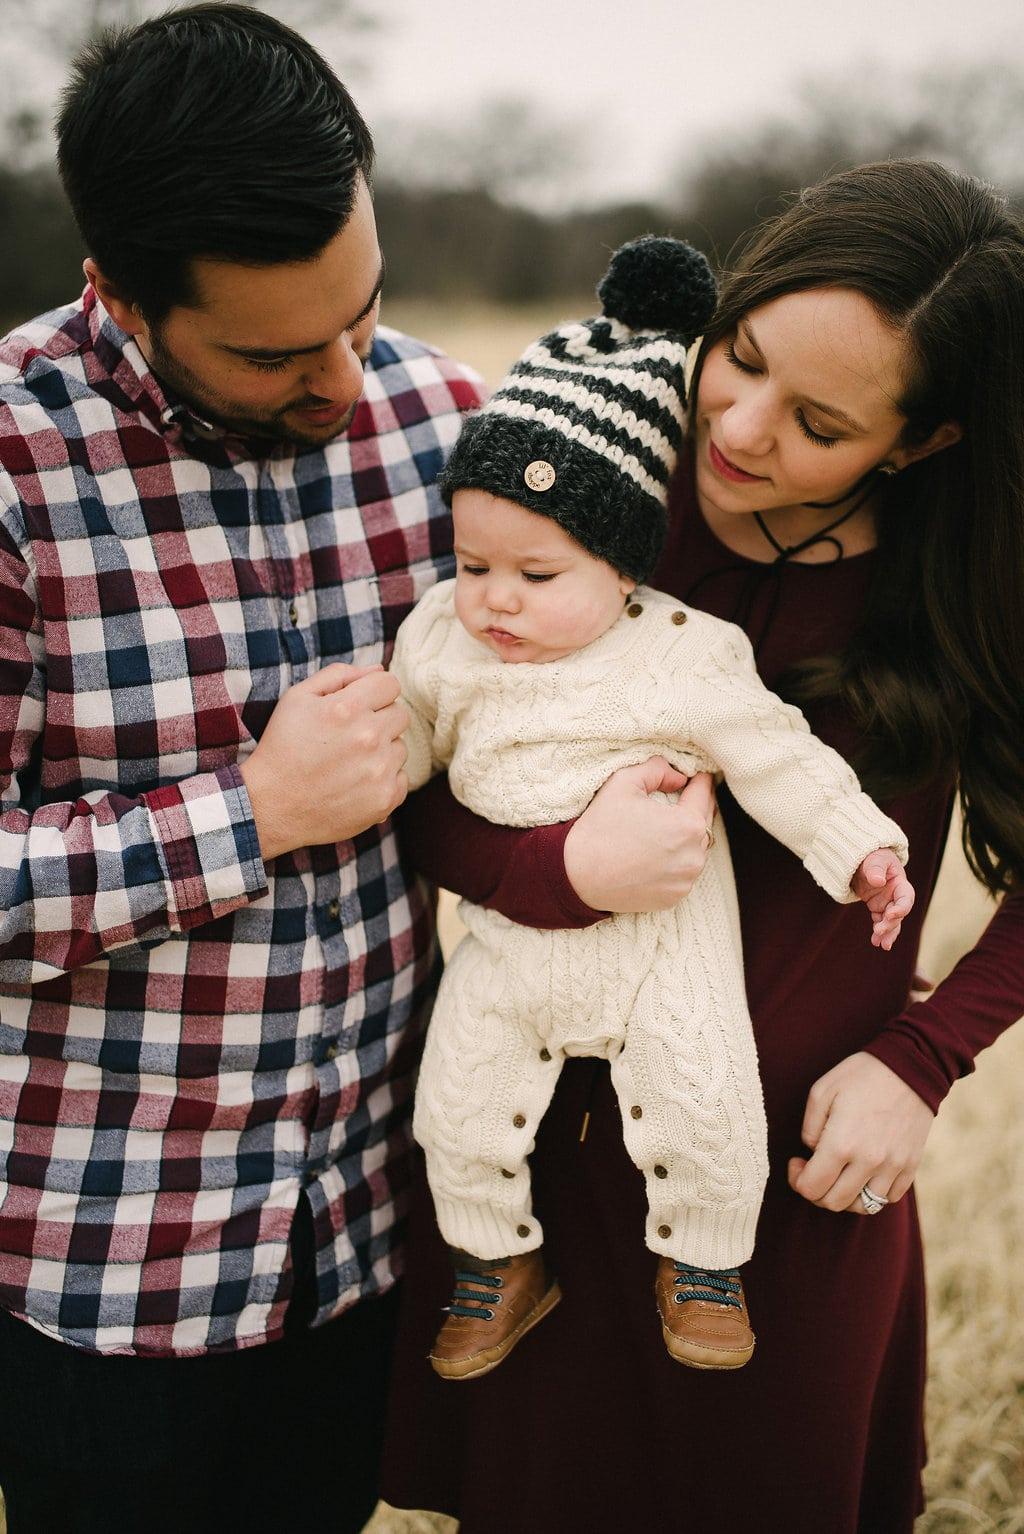 coloradofamilyphotographer-5613